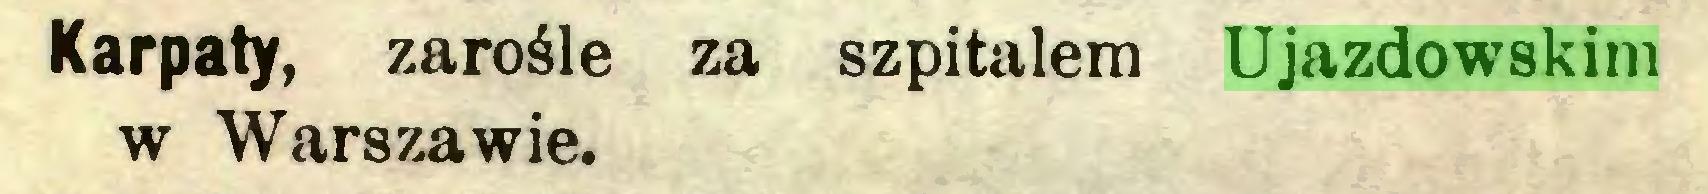 (...) Karpaty, zarośle za szpitalem Ujazdowskim w Warszawie...